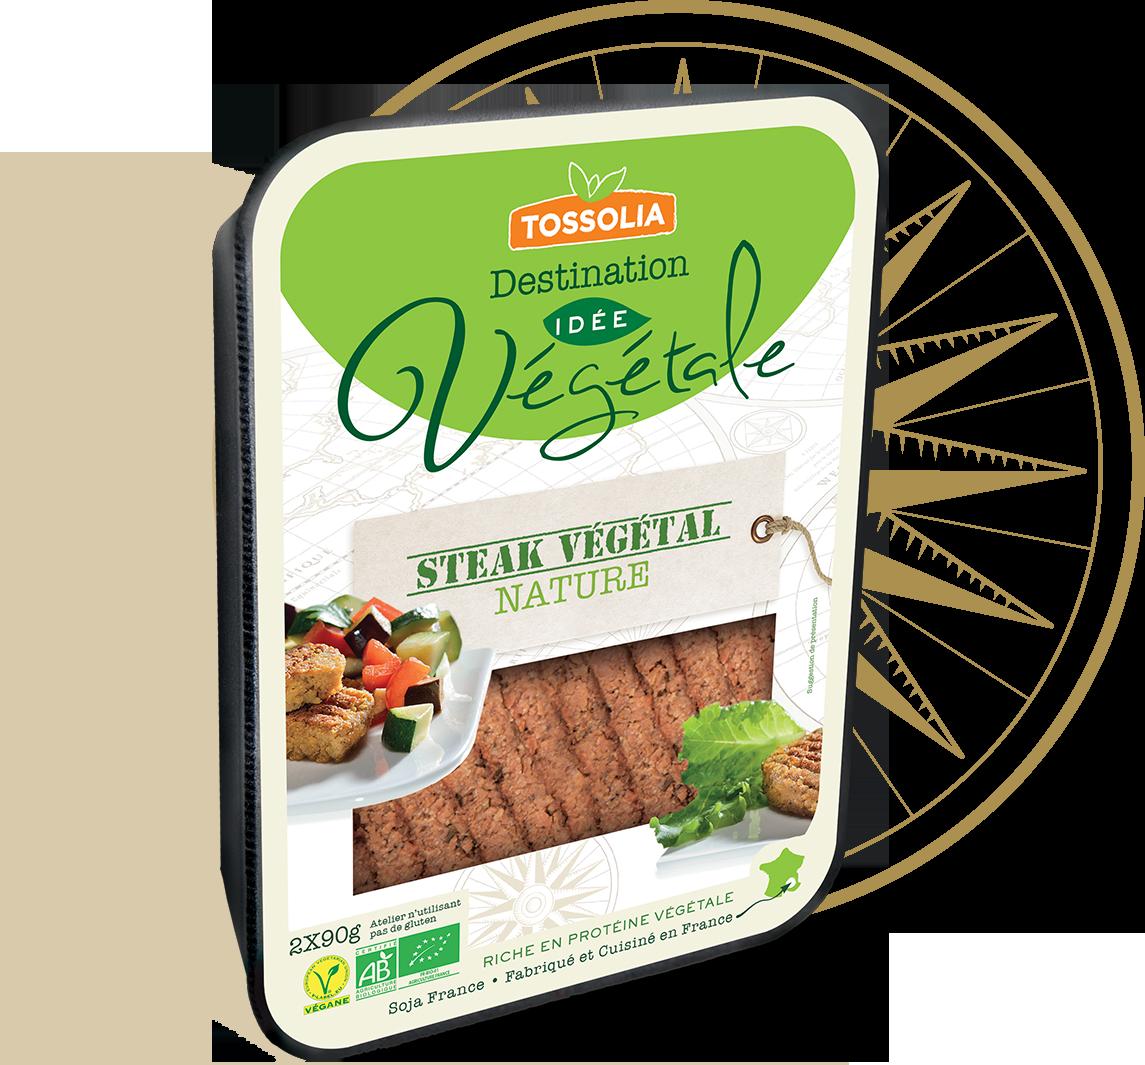 Steak végétal nature